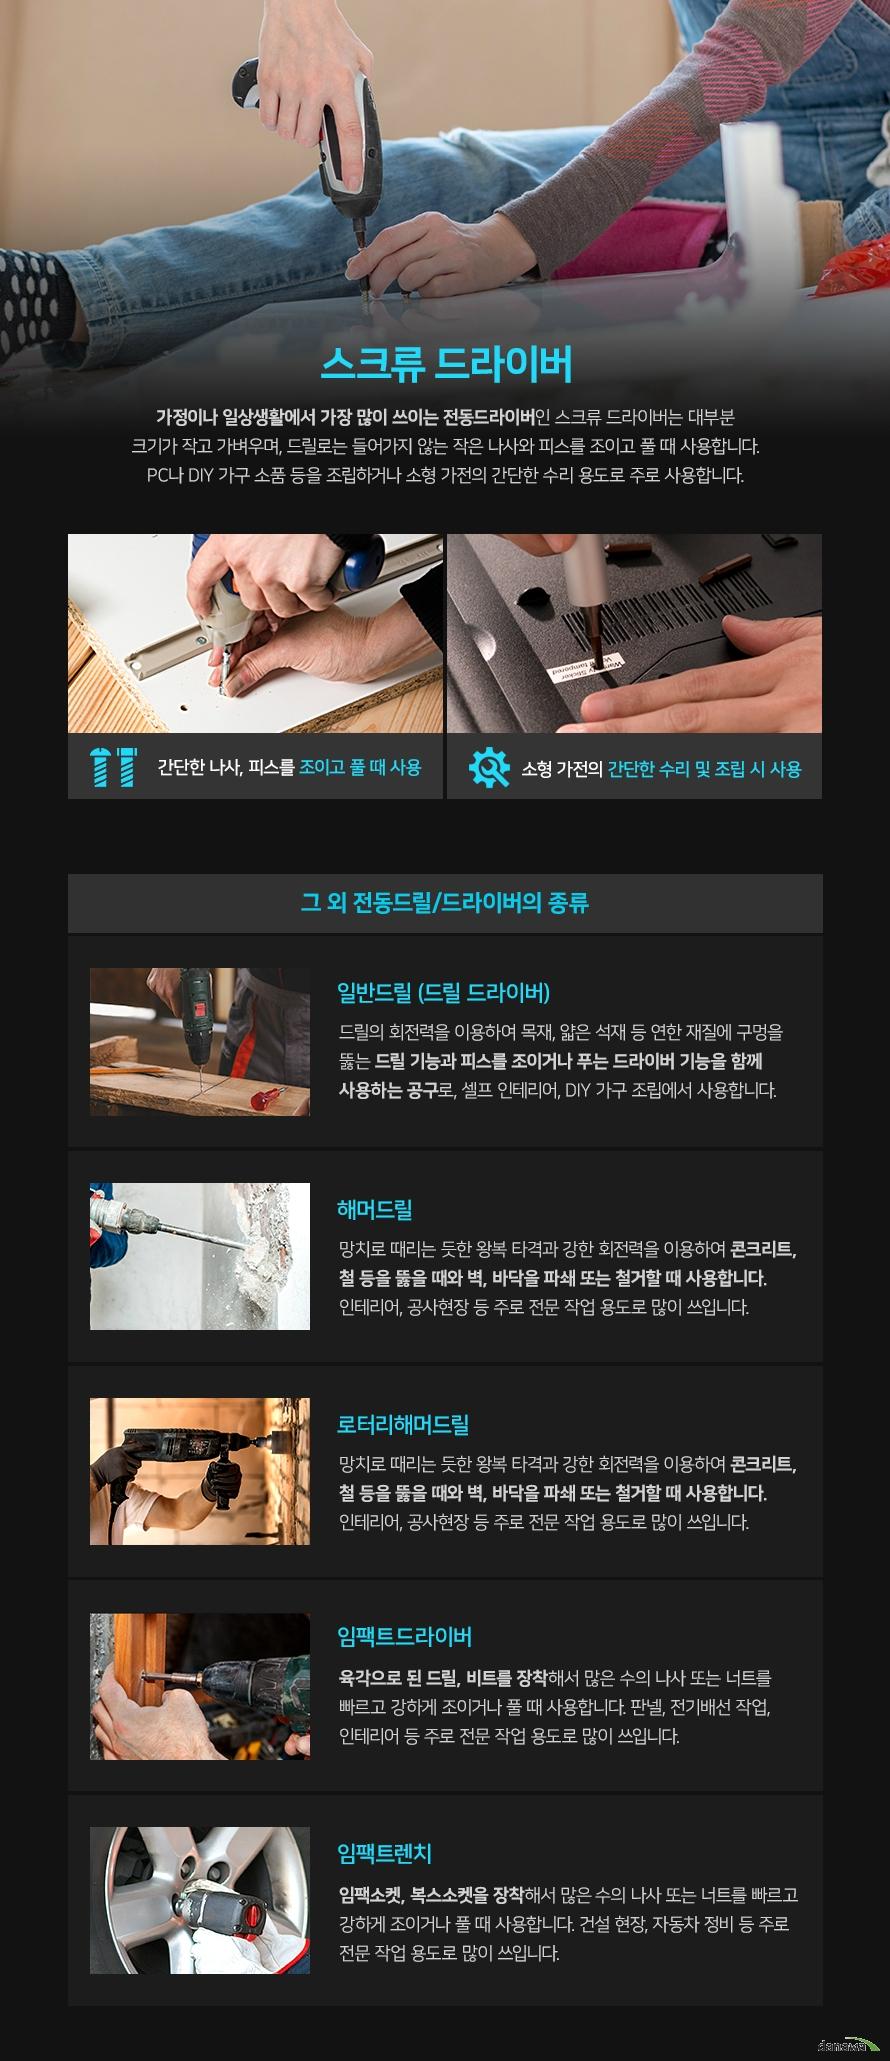 [촬영상품] 라이트컴 COMS 펜 타입 전동드라이버 LCIF189 (0.7Ah)